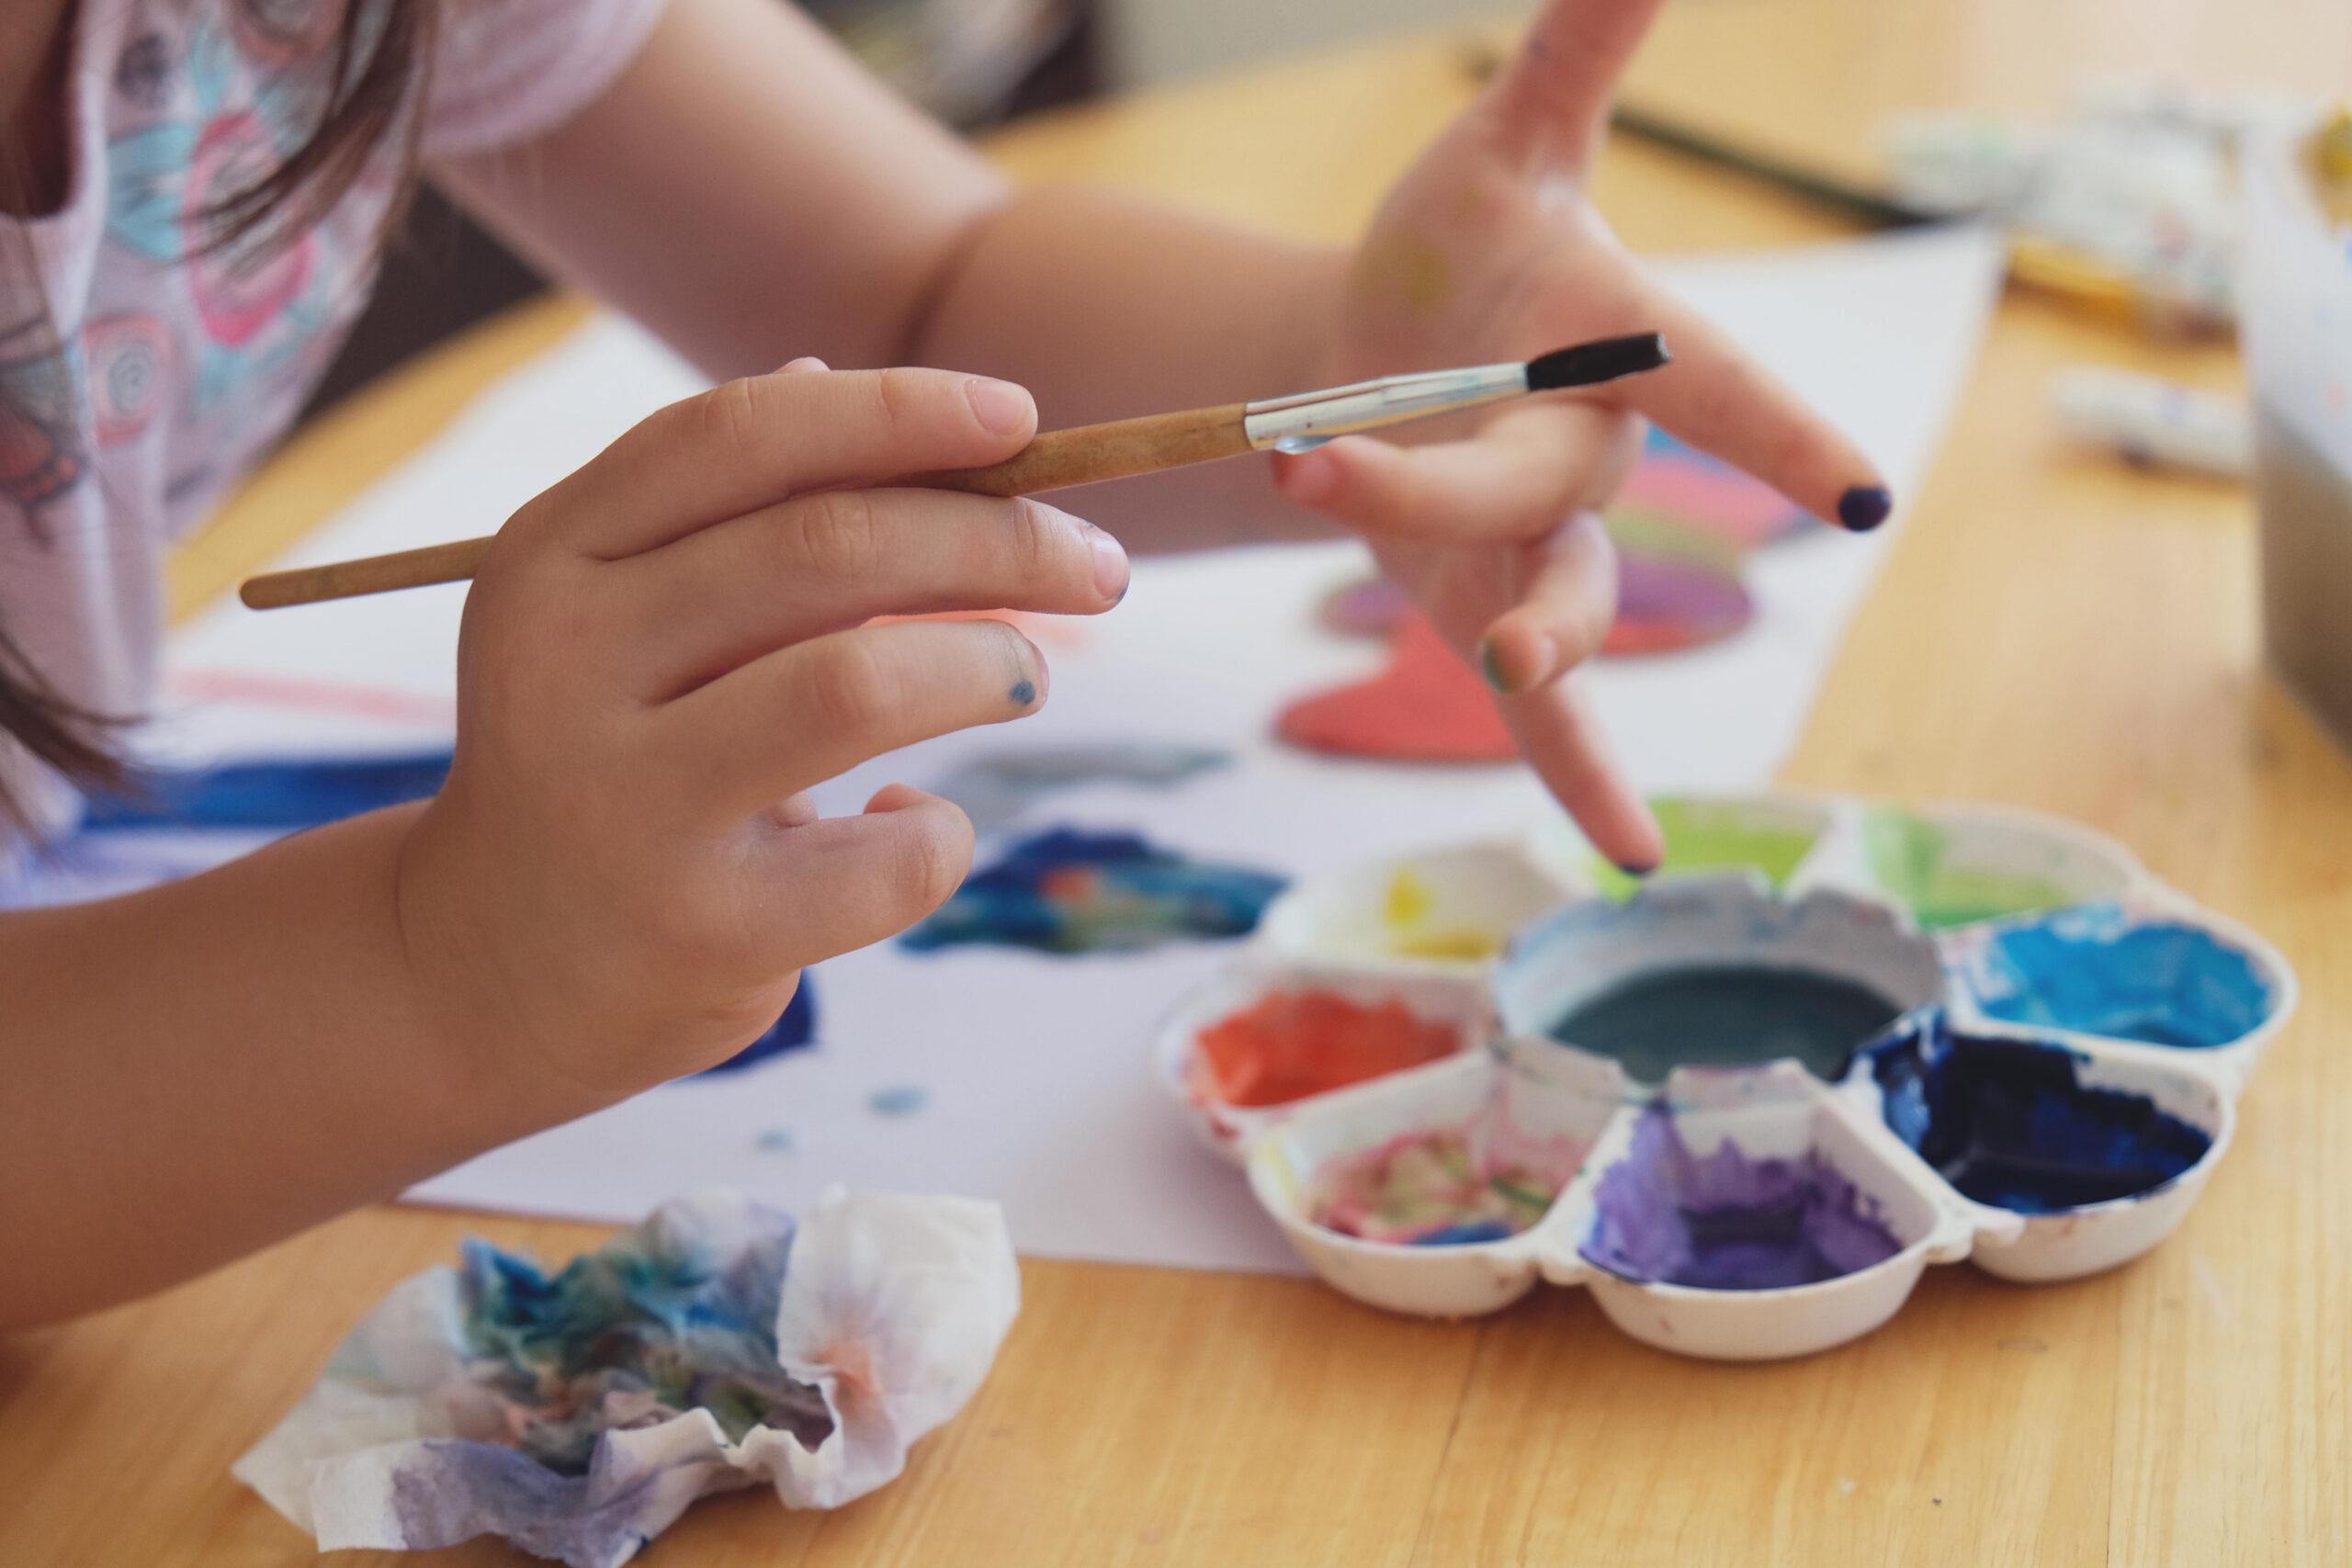 Homeschool Preschooler Playing with Paint